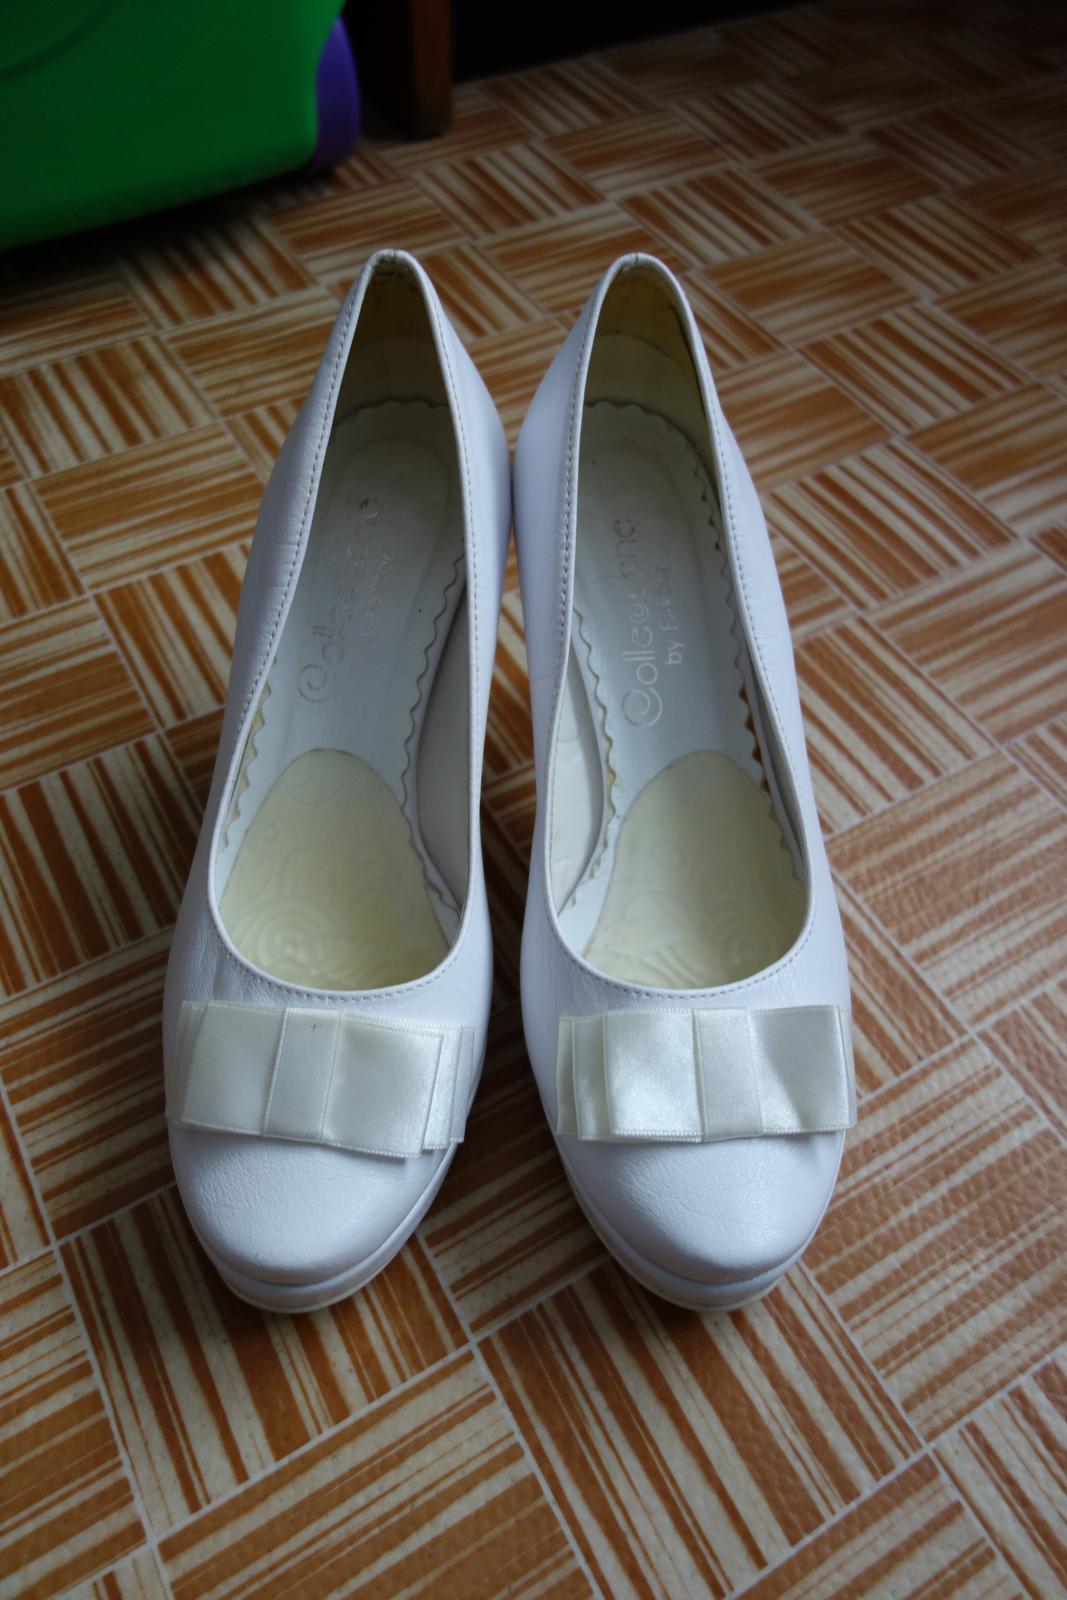 Svadobné topánky veľkosť 36 - Obrázok č. 3